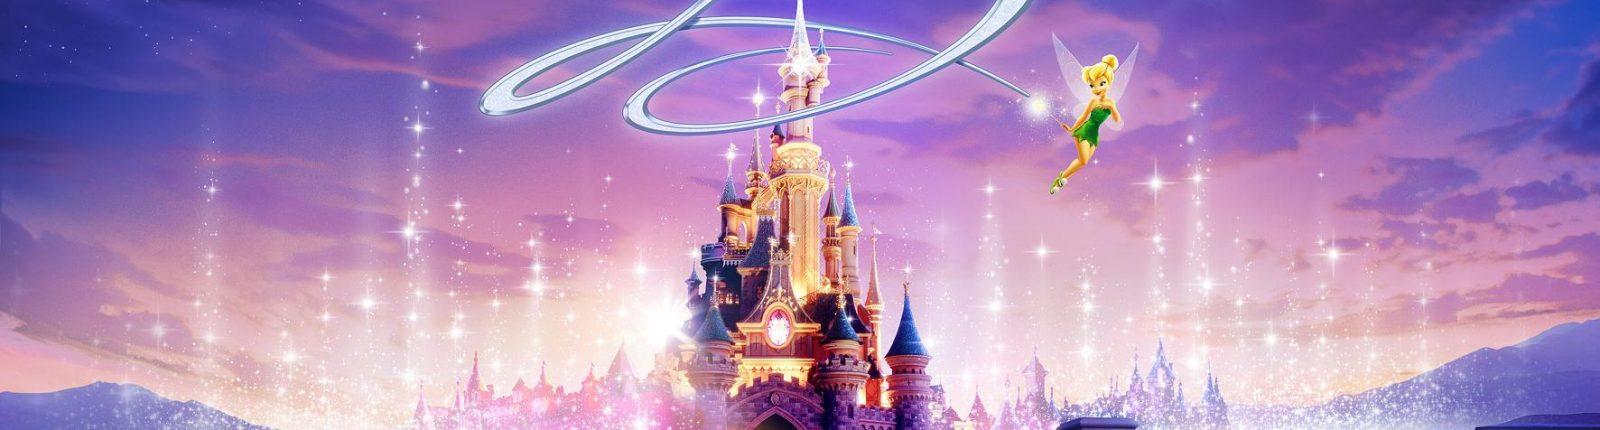 Disneyland Paris (Février 2018)